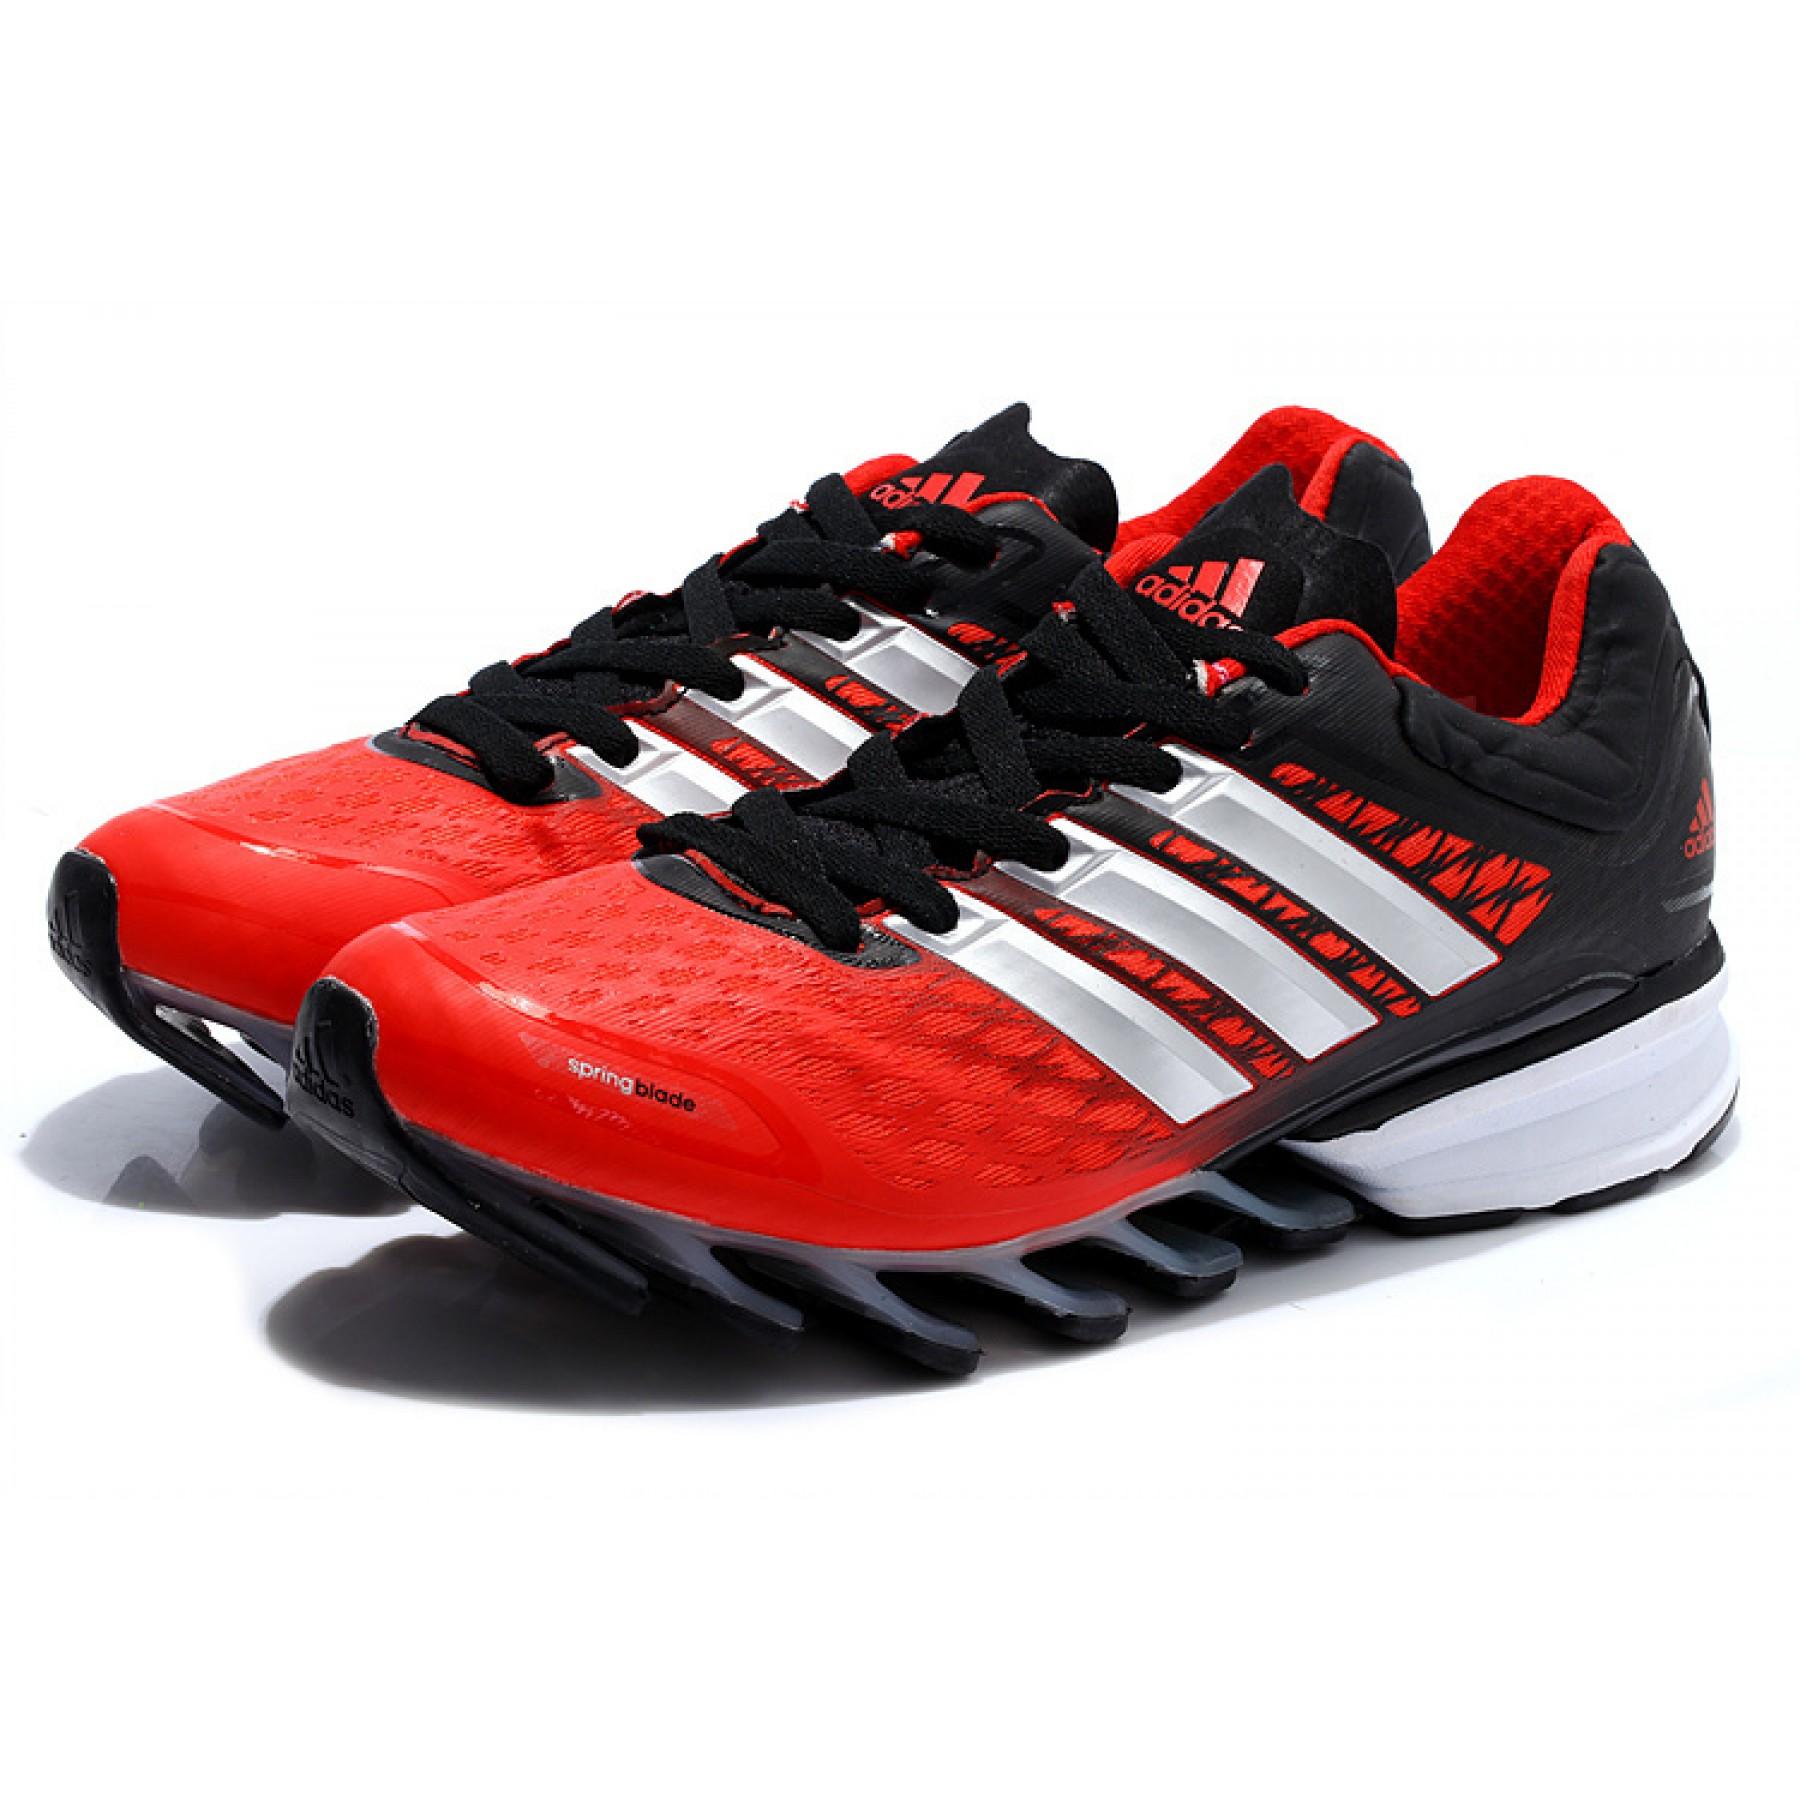 4b2fde919 ... amazon tênis adidas springblade ff masculino vermelho preto e branco  cod 0393 9318d da62d